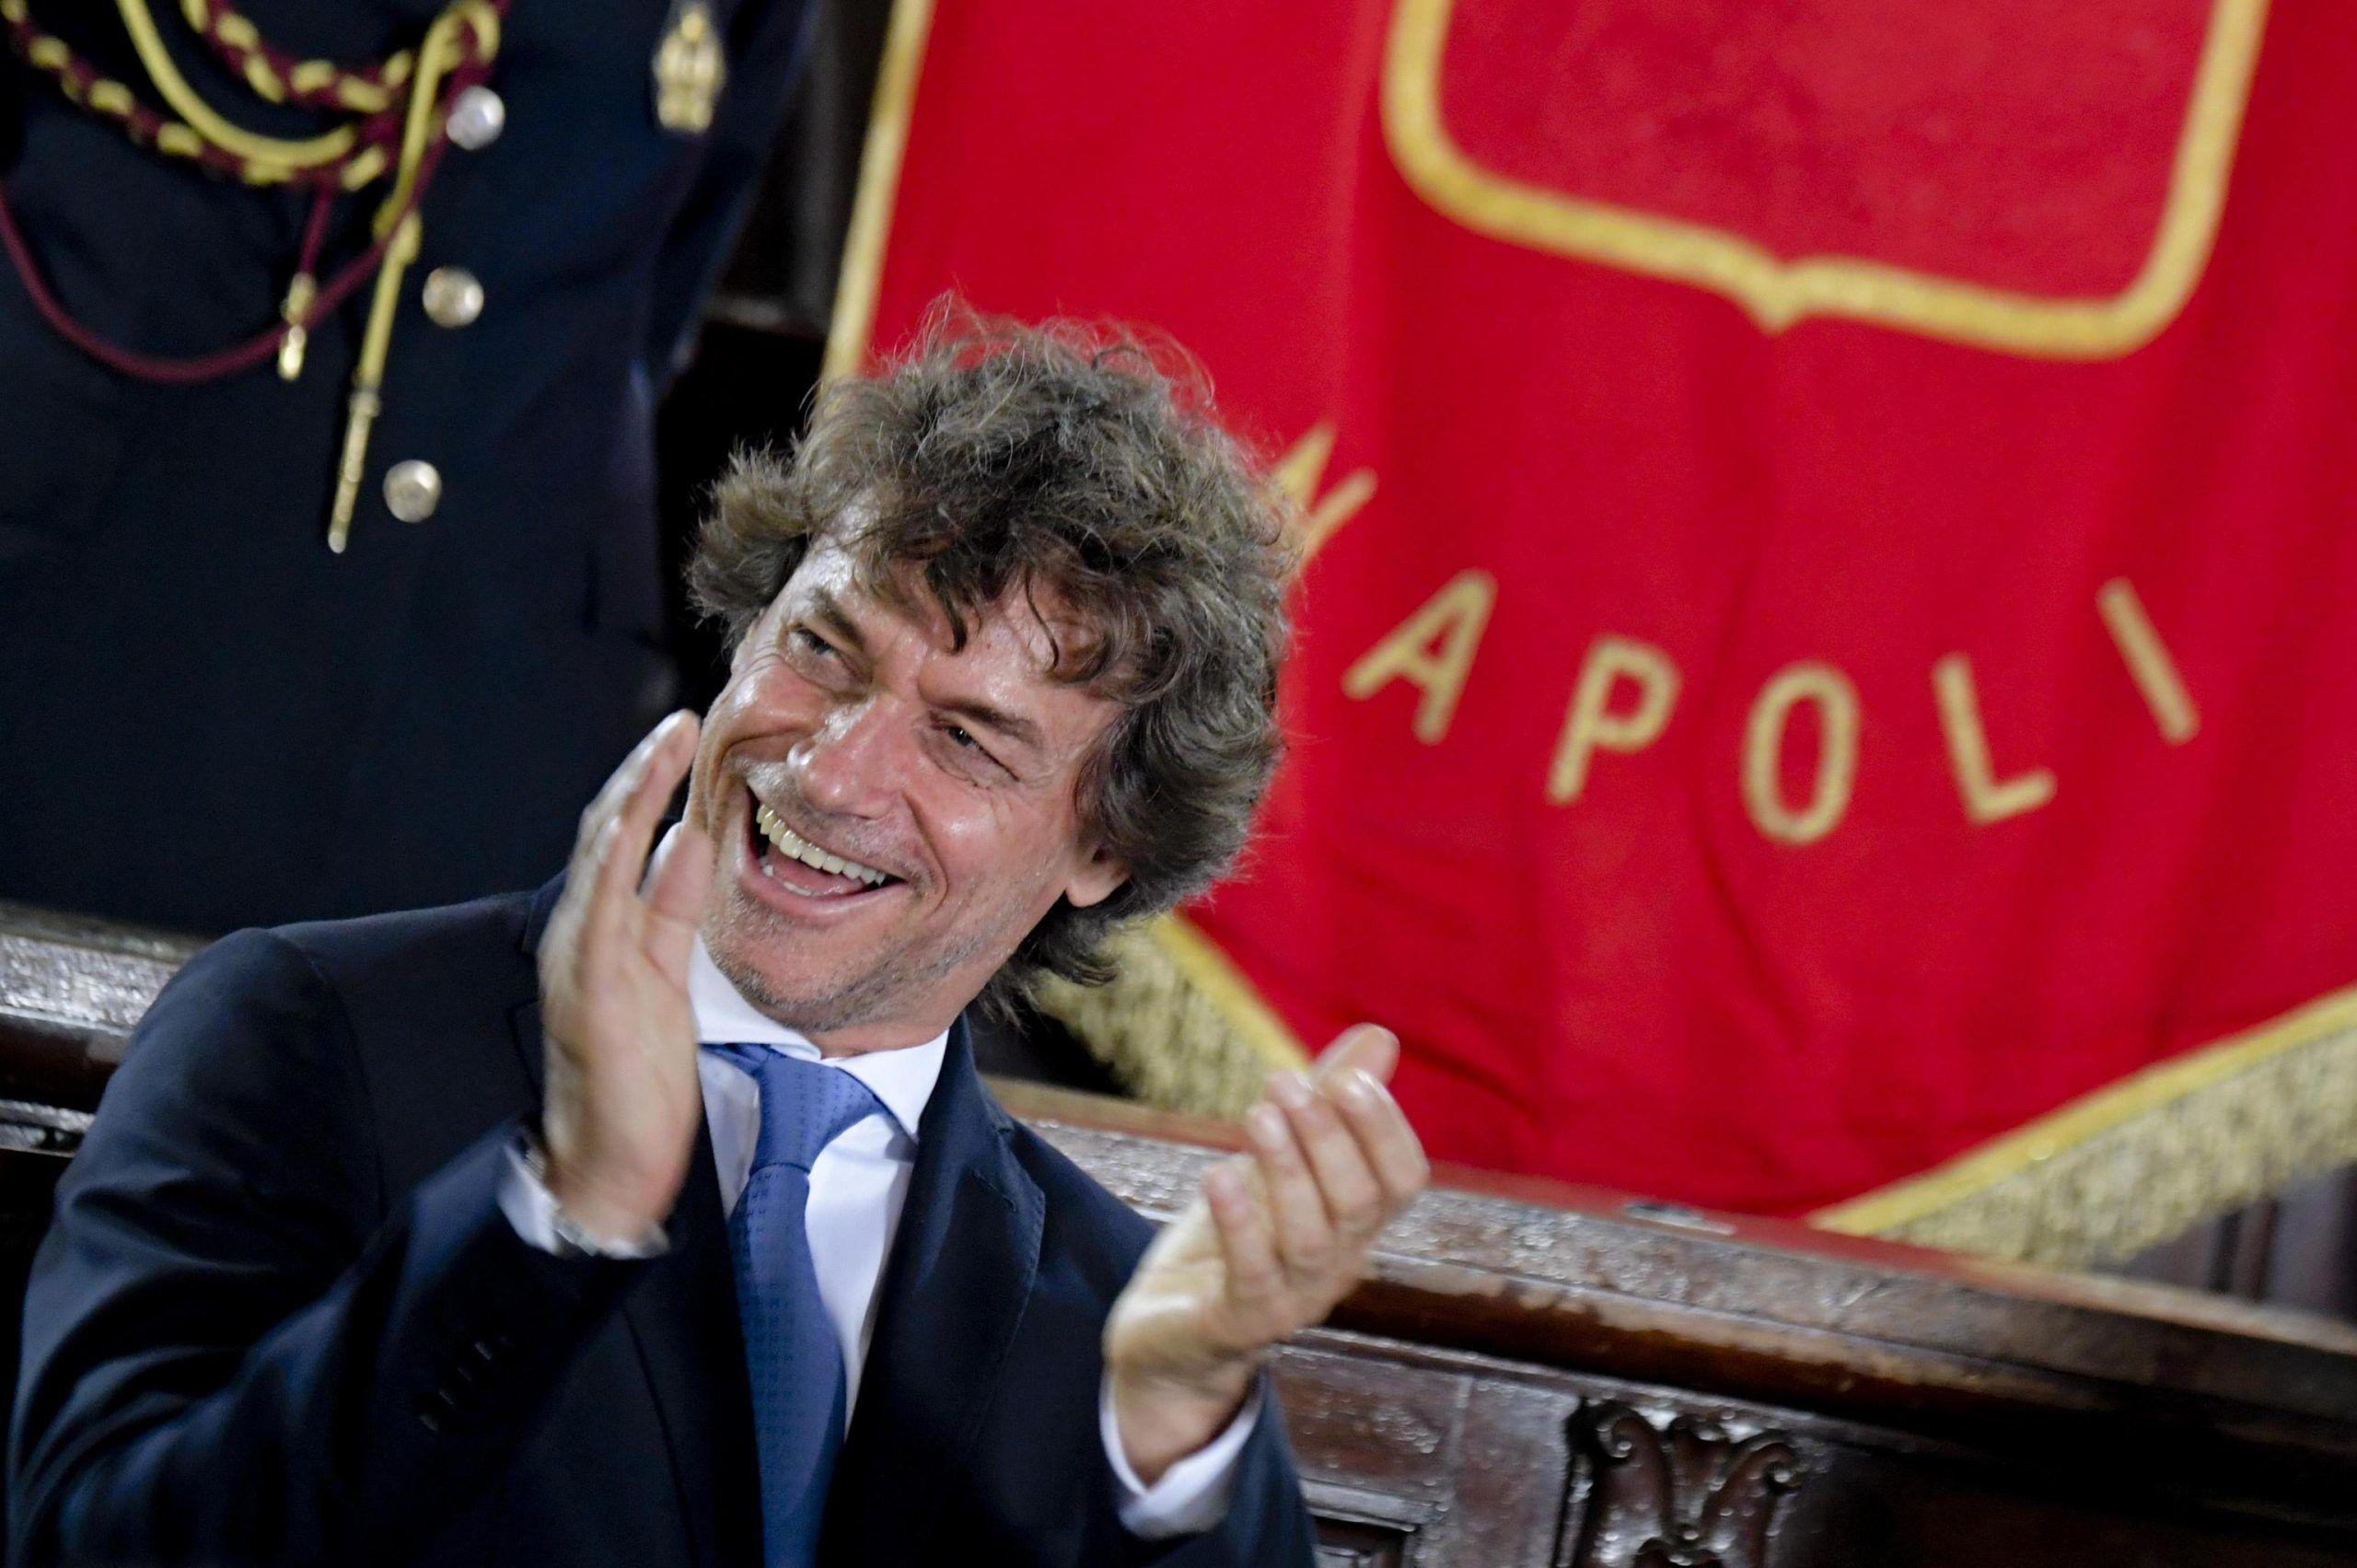 Alberto Angela, tutti pazzi per il figlio Edoardo: 'Patrimonio dell'Unesco'